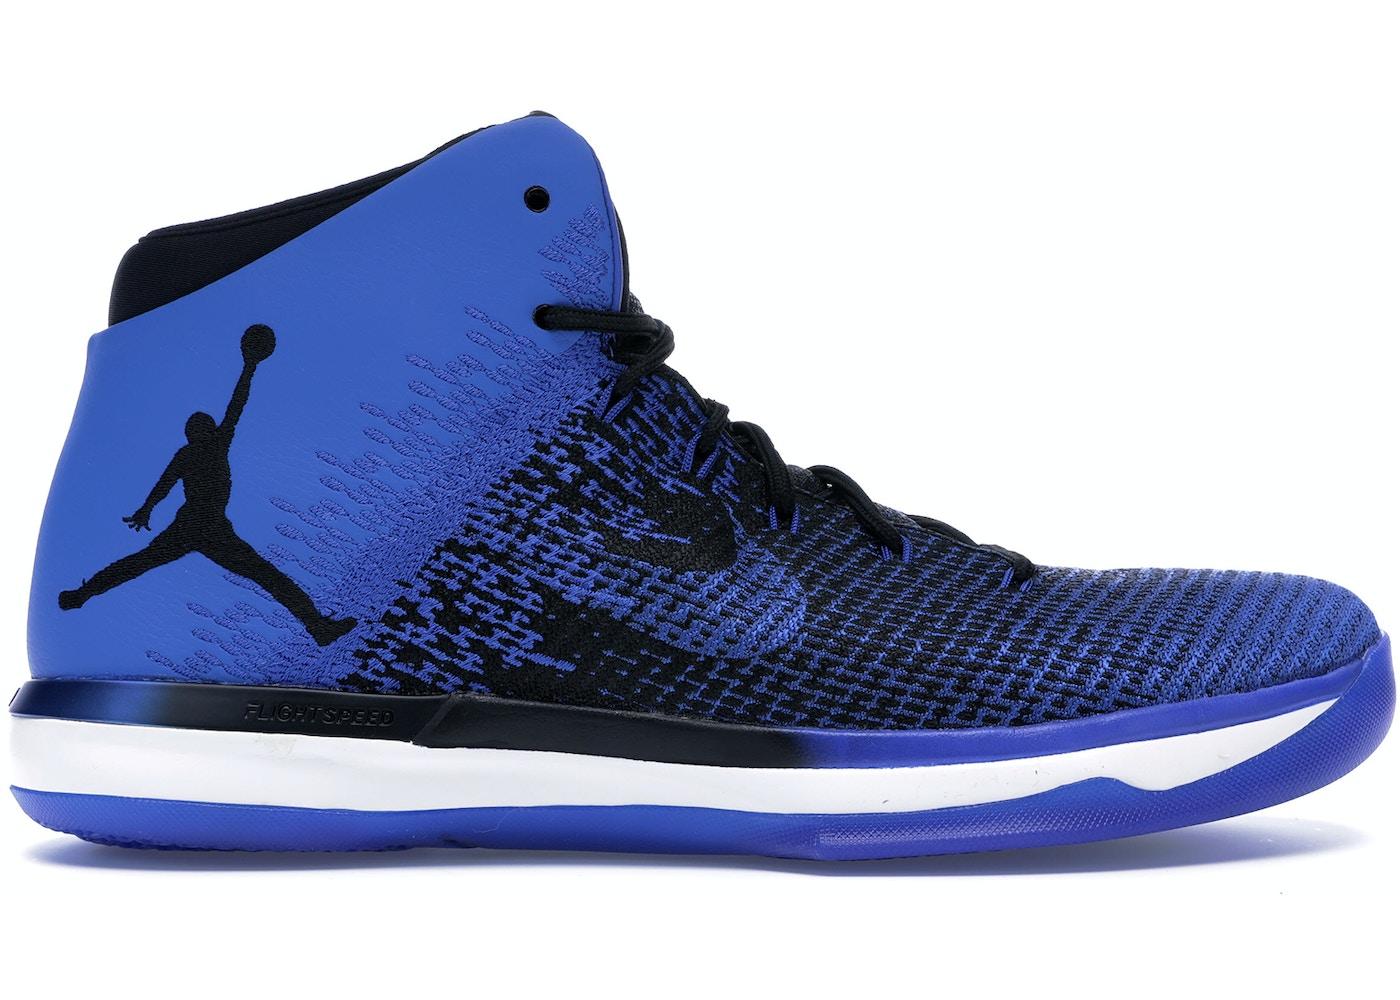 be07c3480f Buy Air Jordan 31 Shoes & Deadstock Sneakers